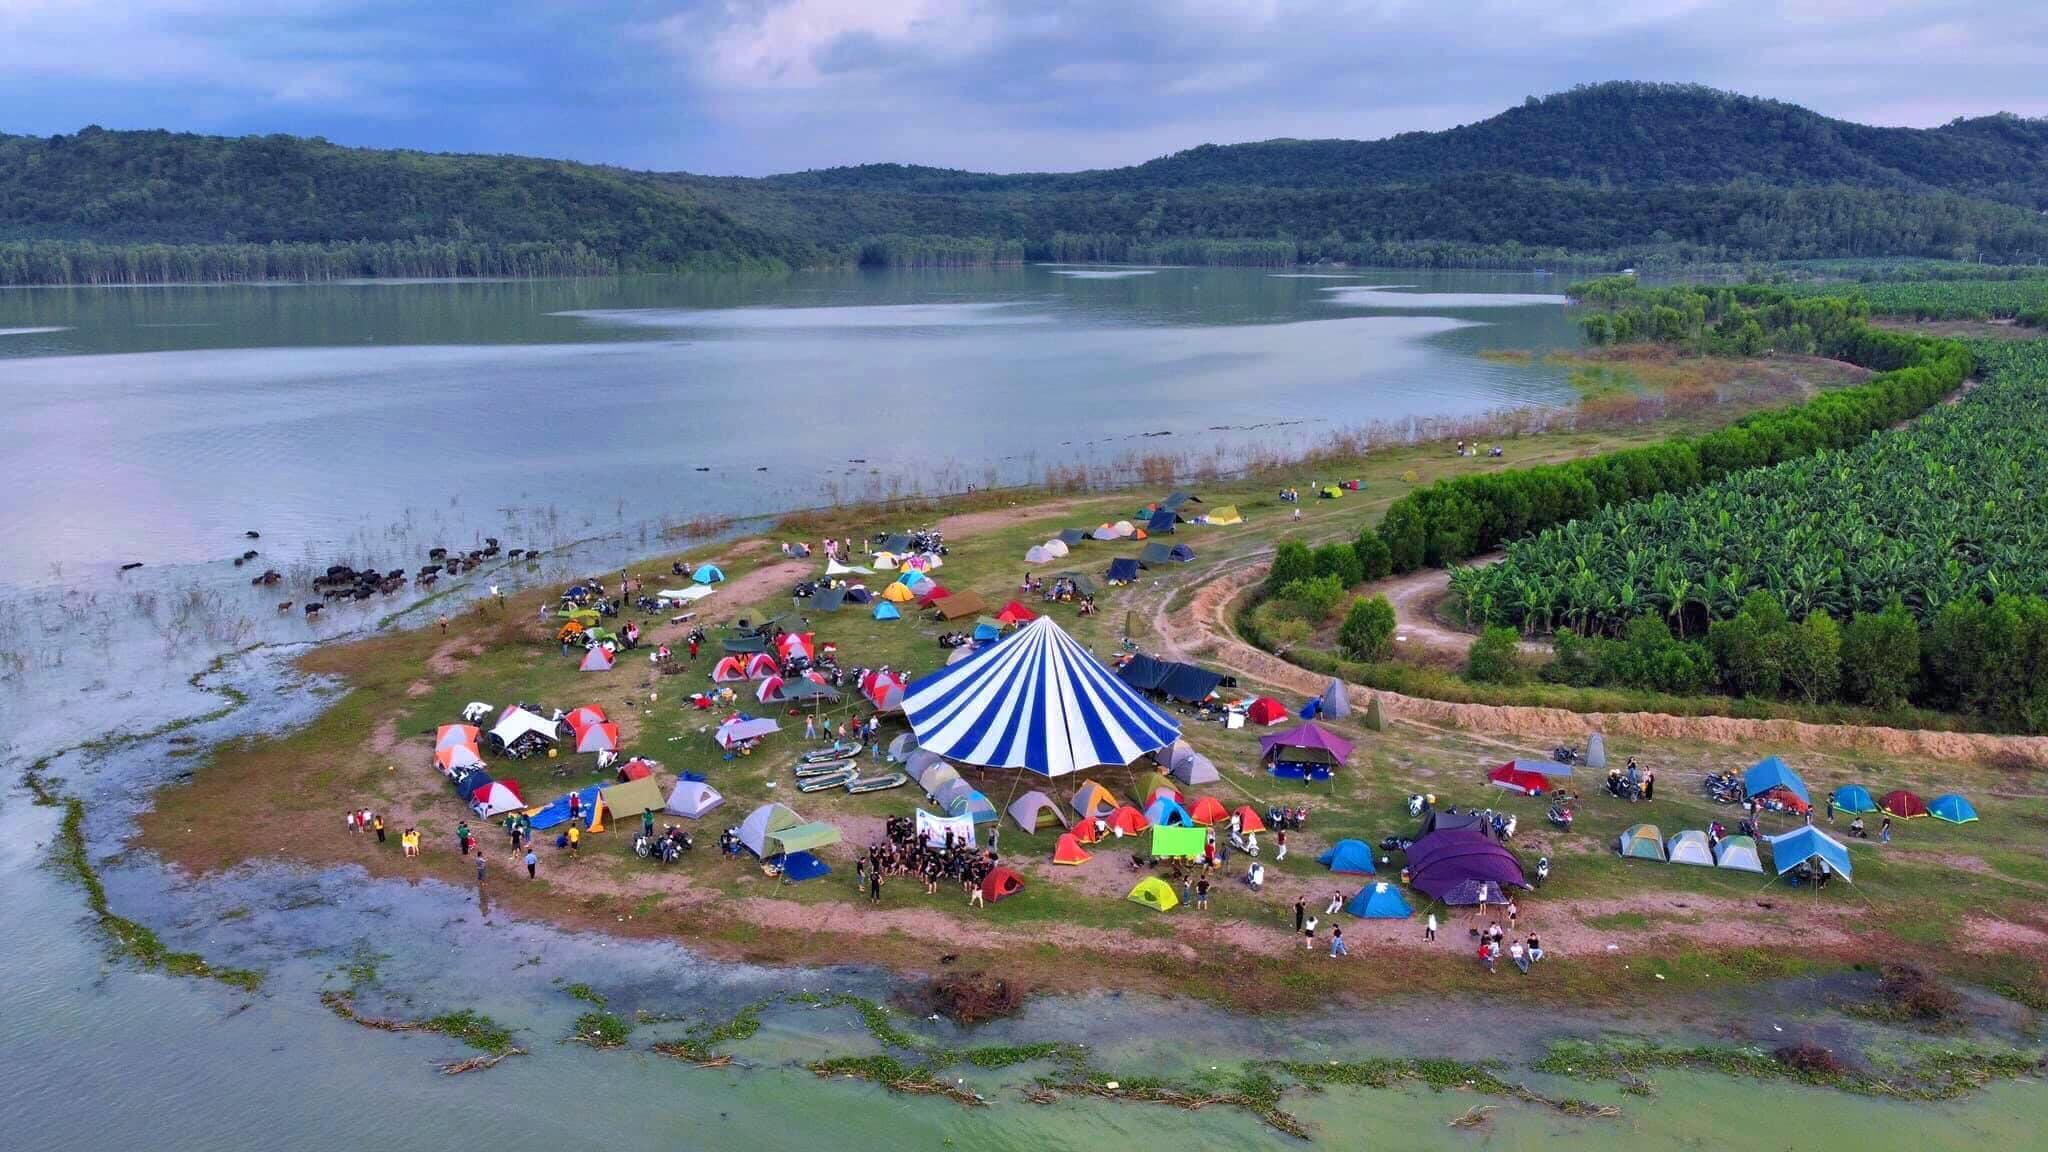 Hồ Dầu Tiếng là địa điểm cắm trại hot cực gần Sài Gòn - Nguồn ảnh: FB Nguyễn Minh Hưng